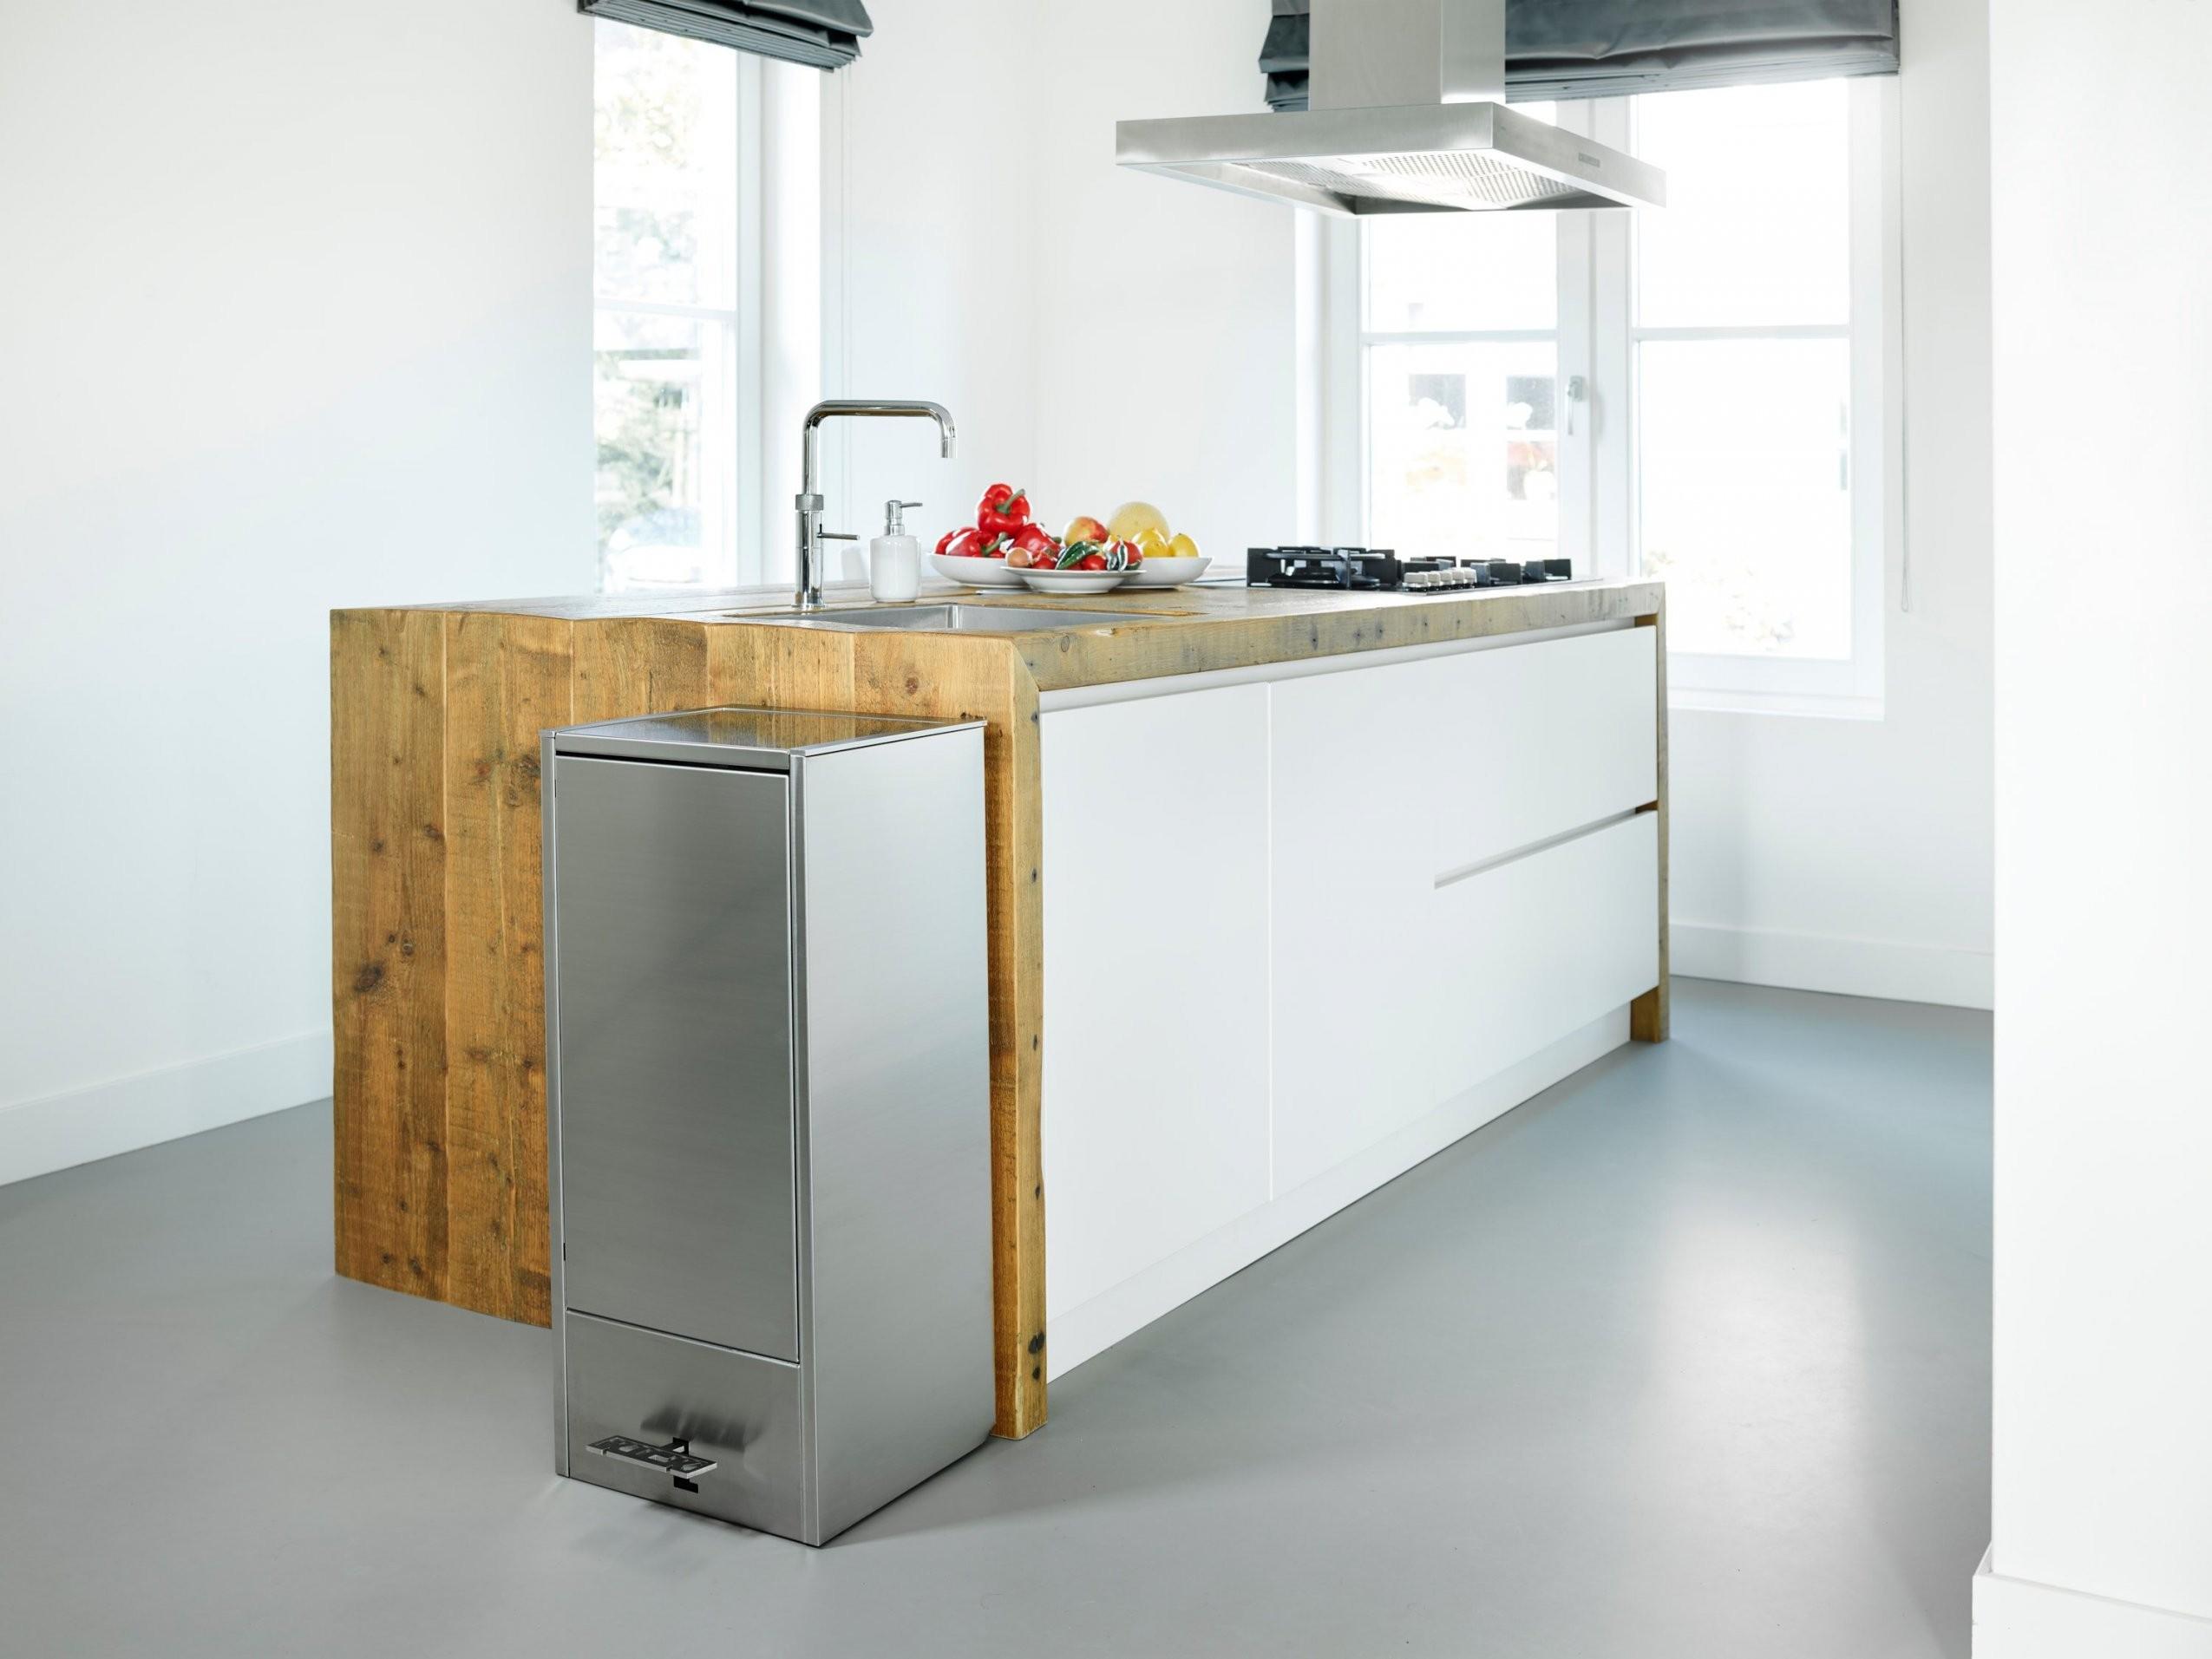 Papier Mülleimer Küche  Interdesign Una Papierkorb Mit Griffen von Mülleimer Küche Design Photo